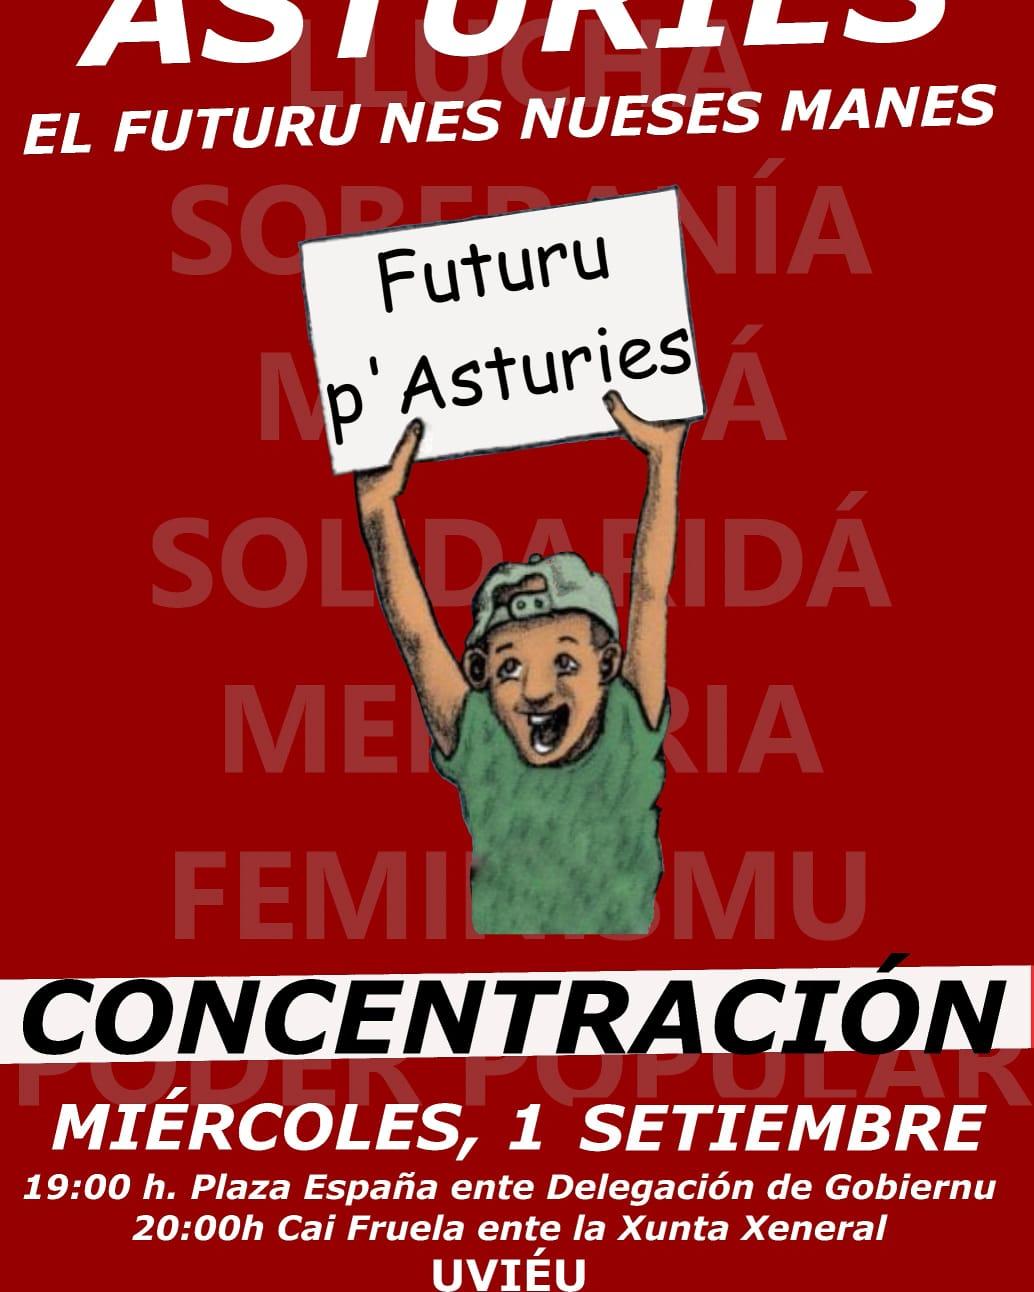 """Concentración """"El Futuru nes nueses manes"""""""